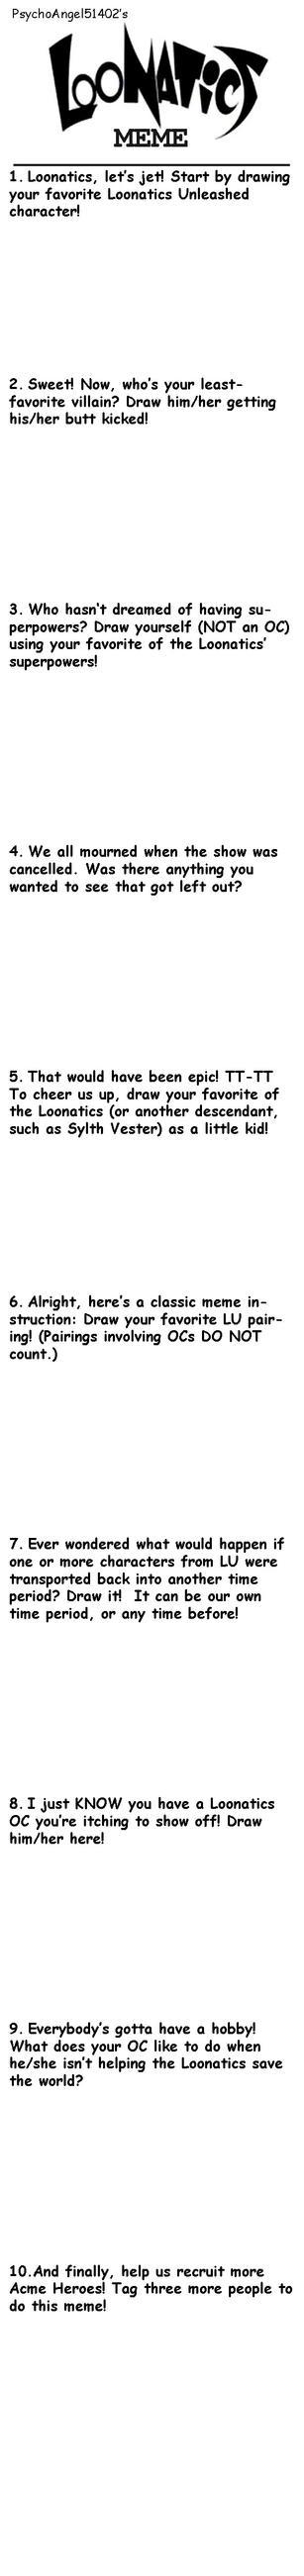 Loonatics Unleashed Art Meme by PsychoAngel51402